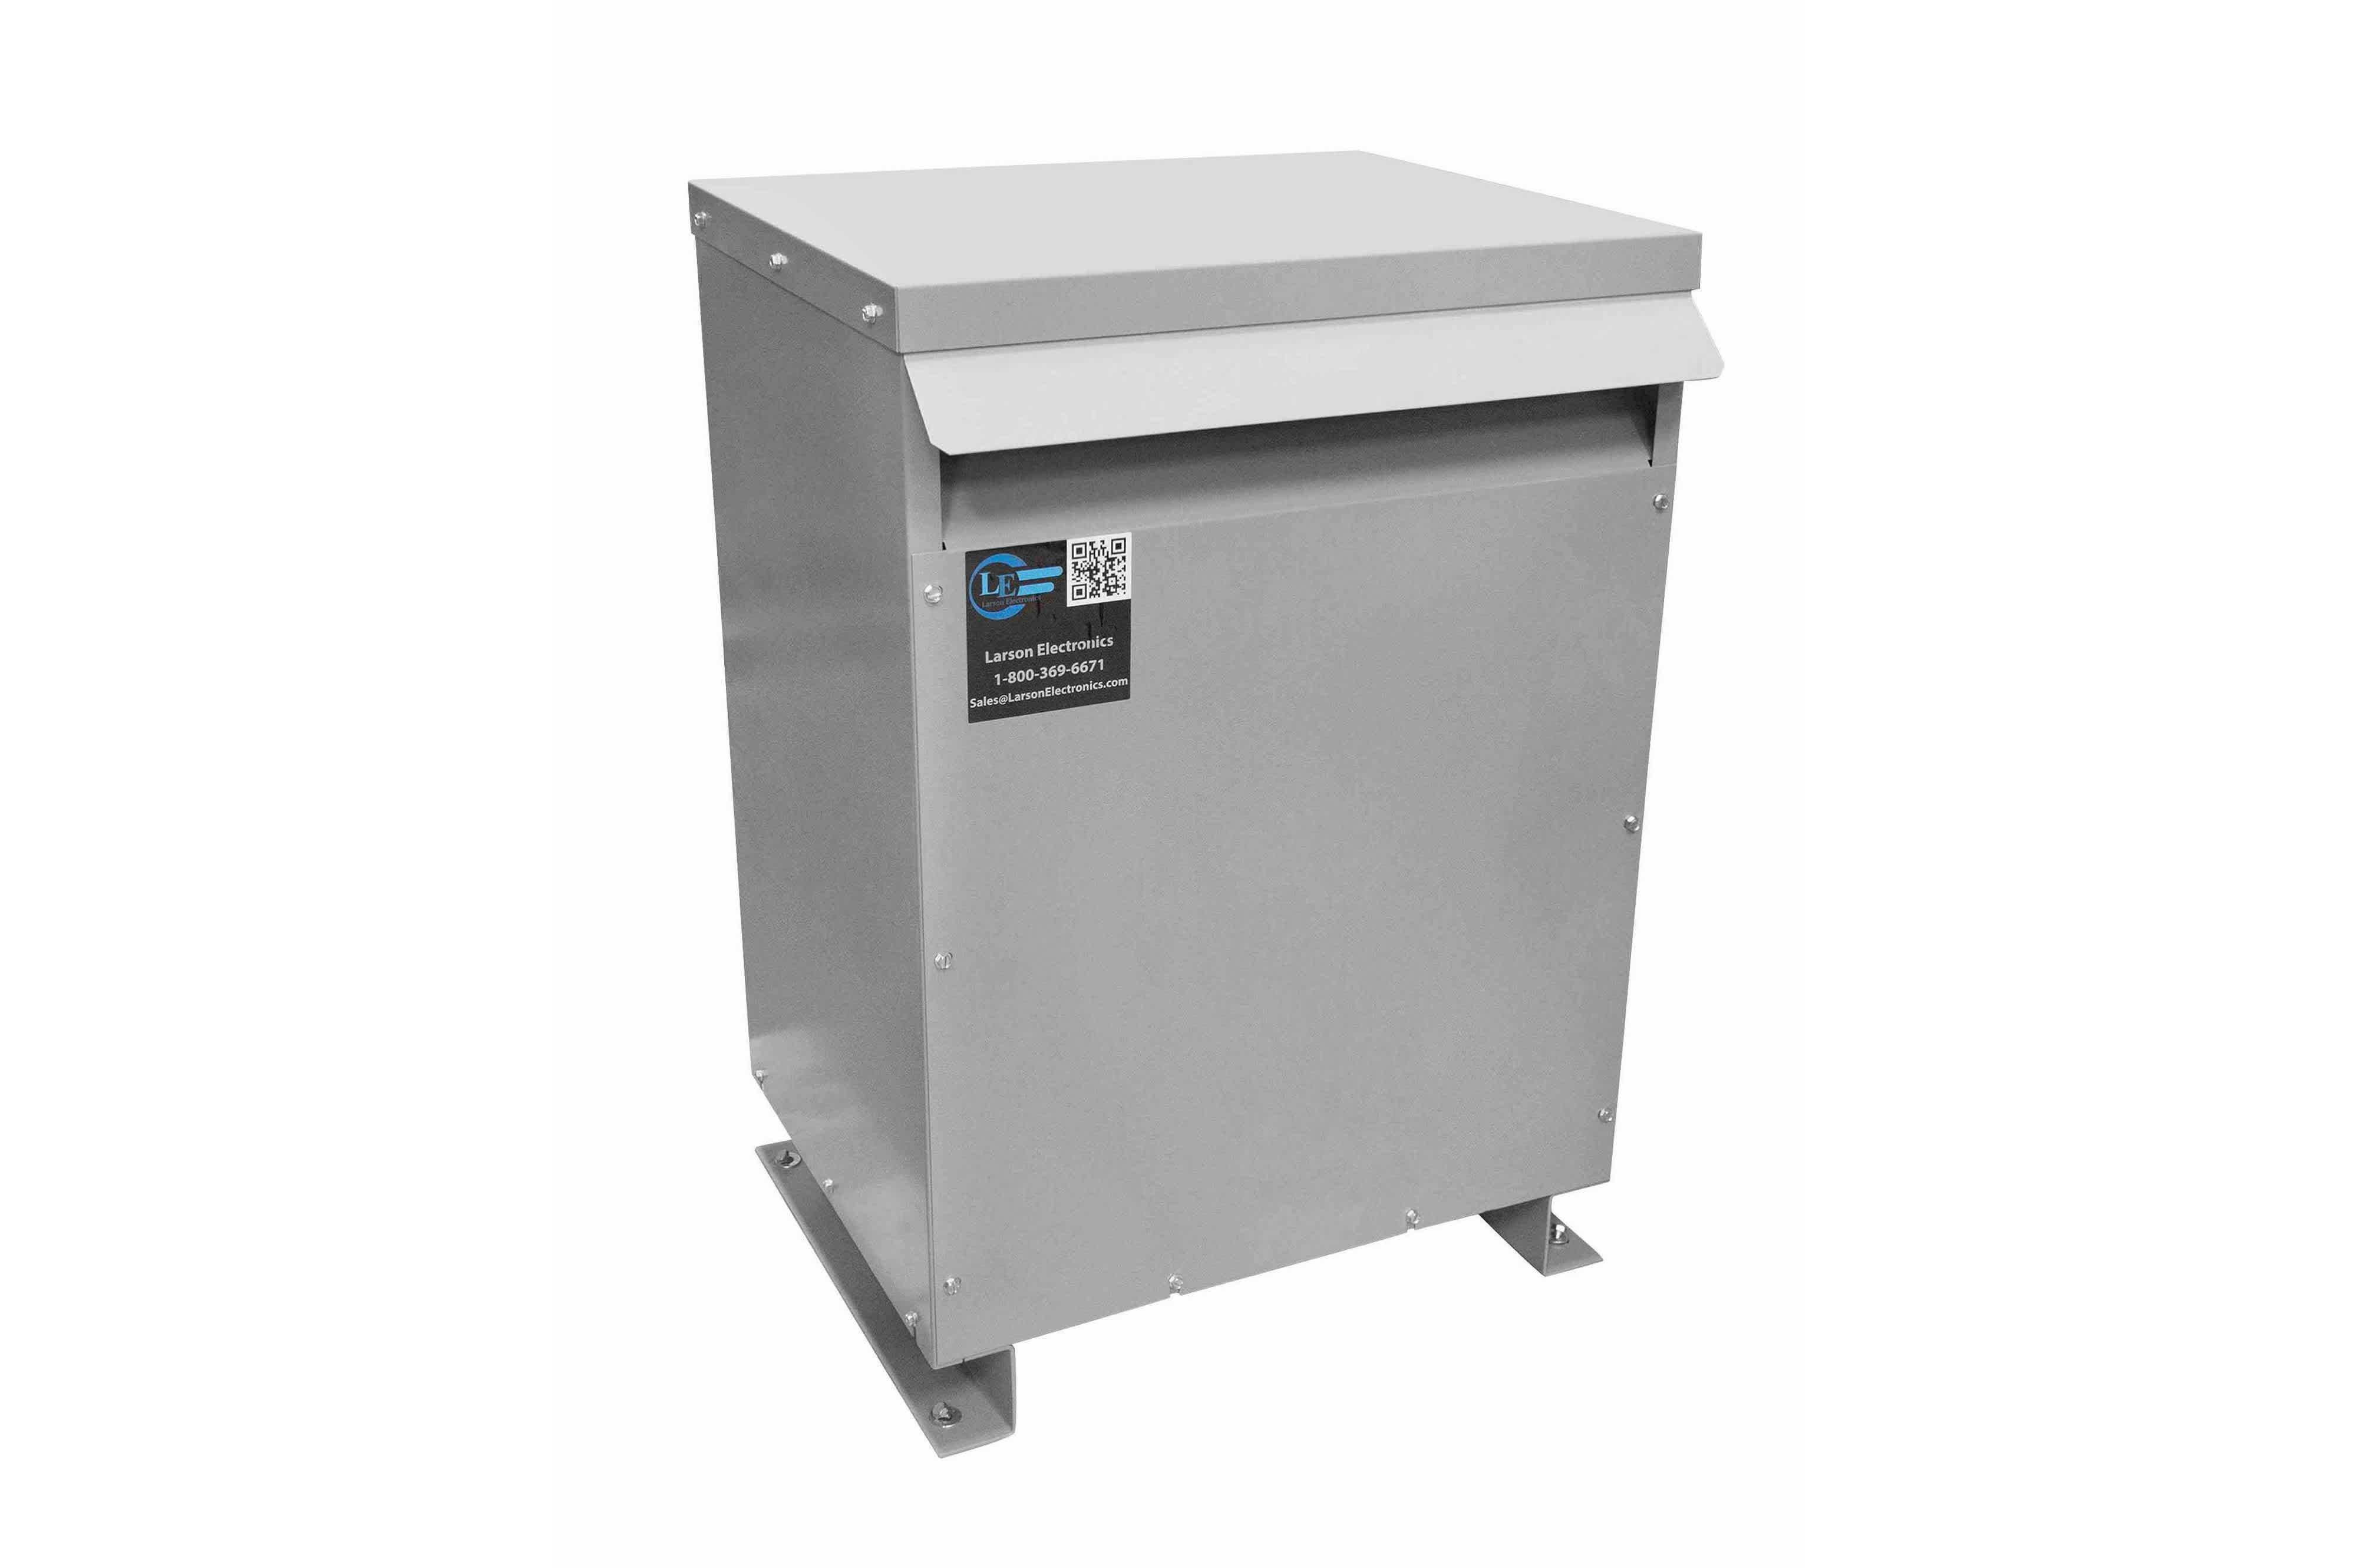 40 kVA 3PH Isolation Transformer, 460V Delta Primary, 380V Delta Secondary, N3R, Ventilated, 60 Hz